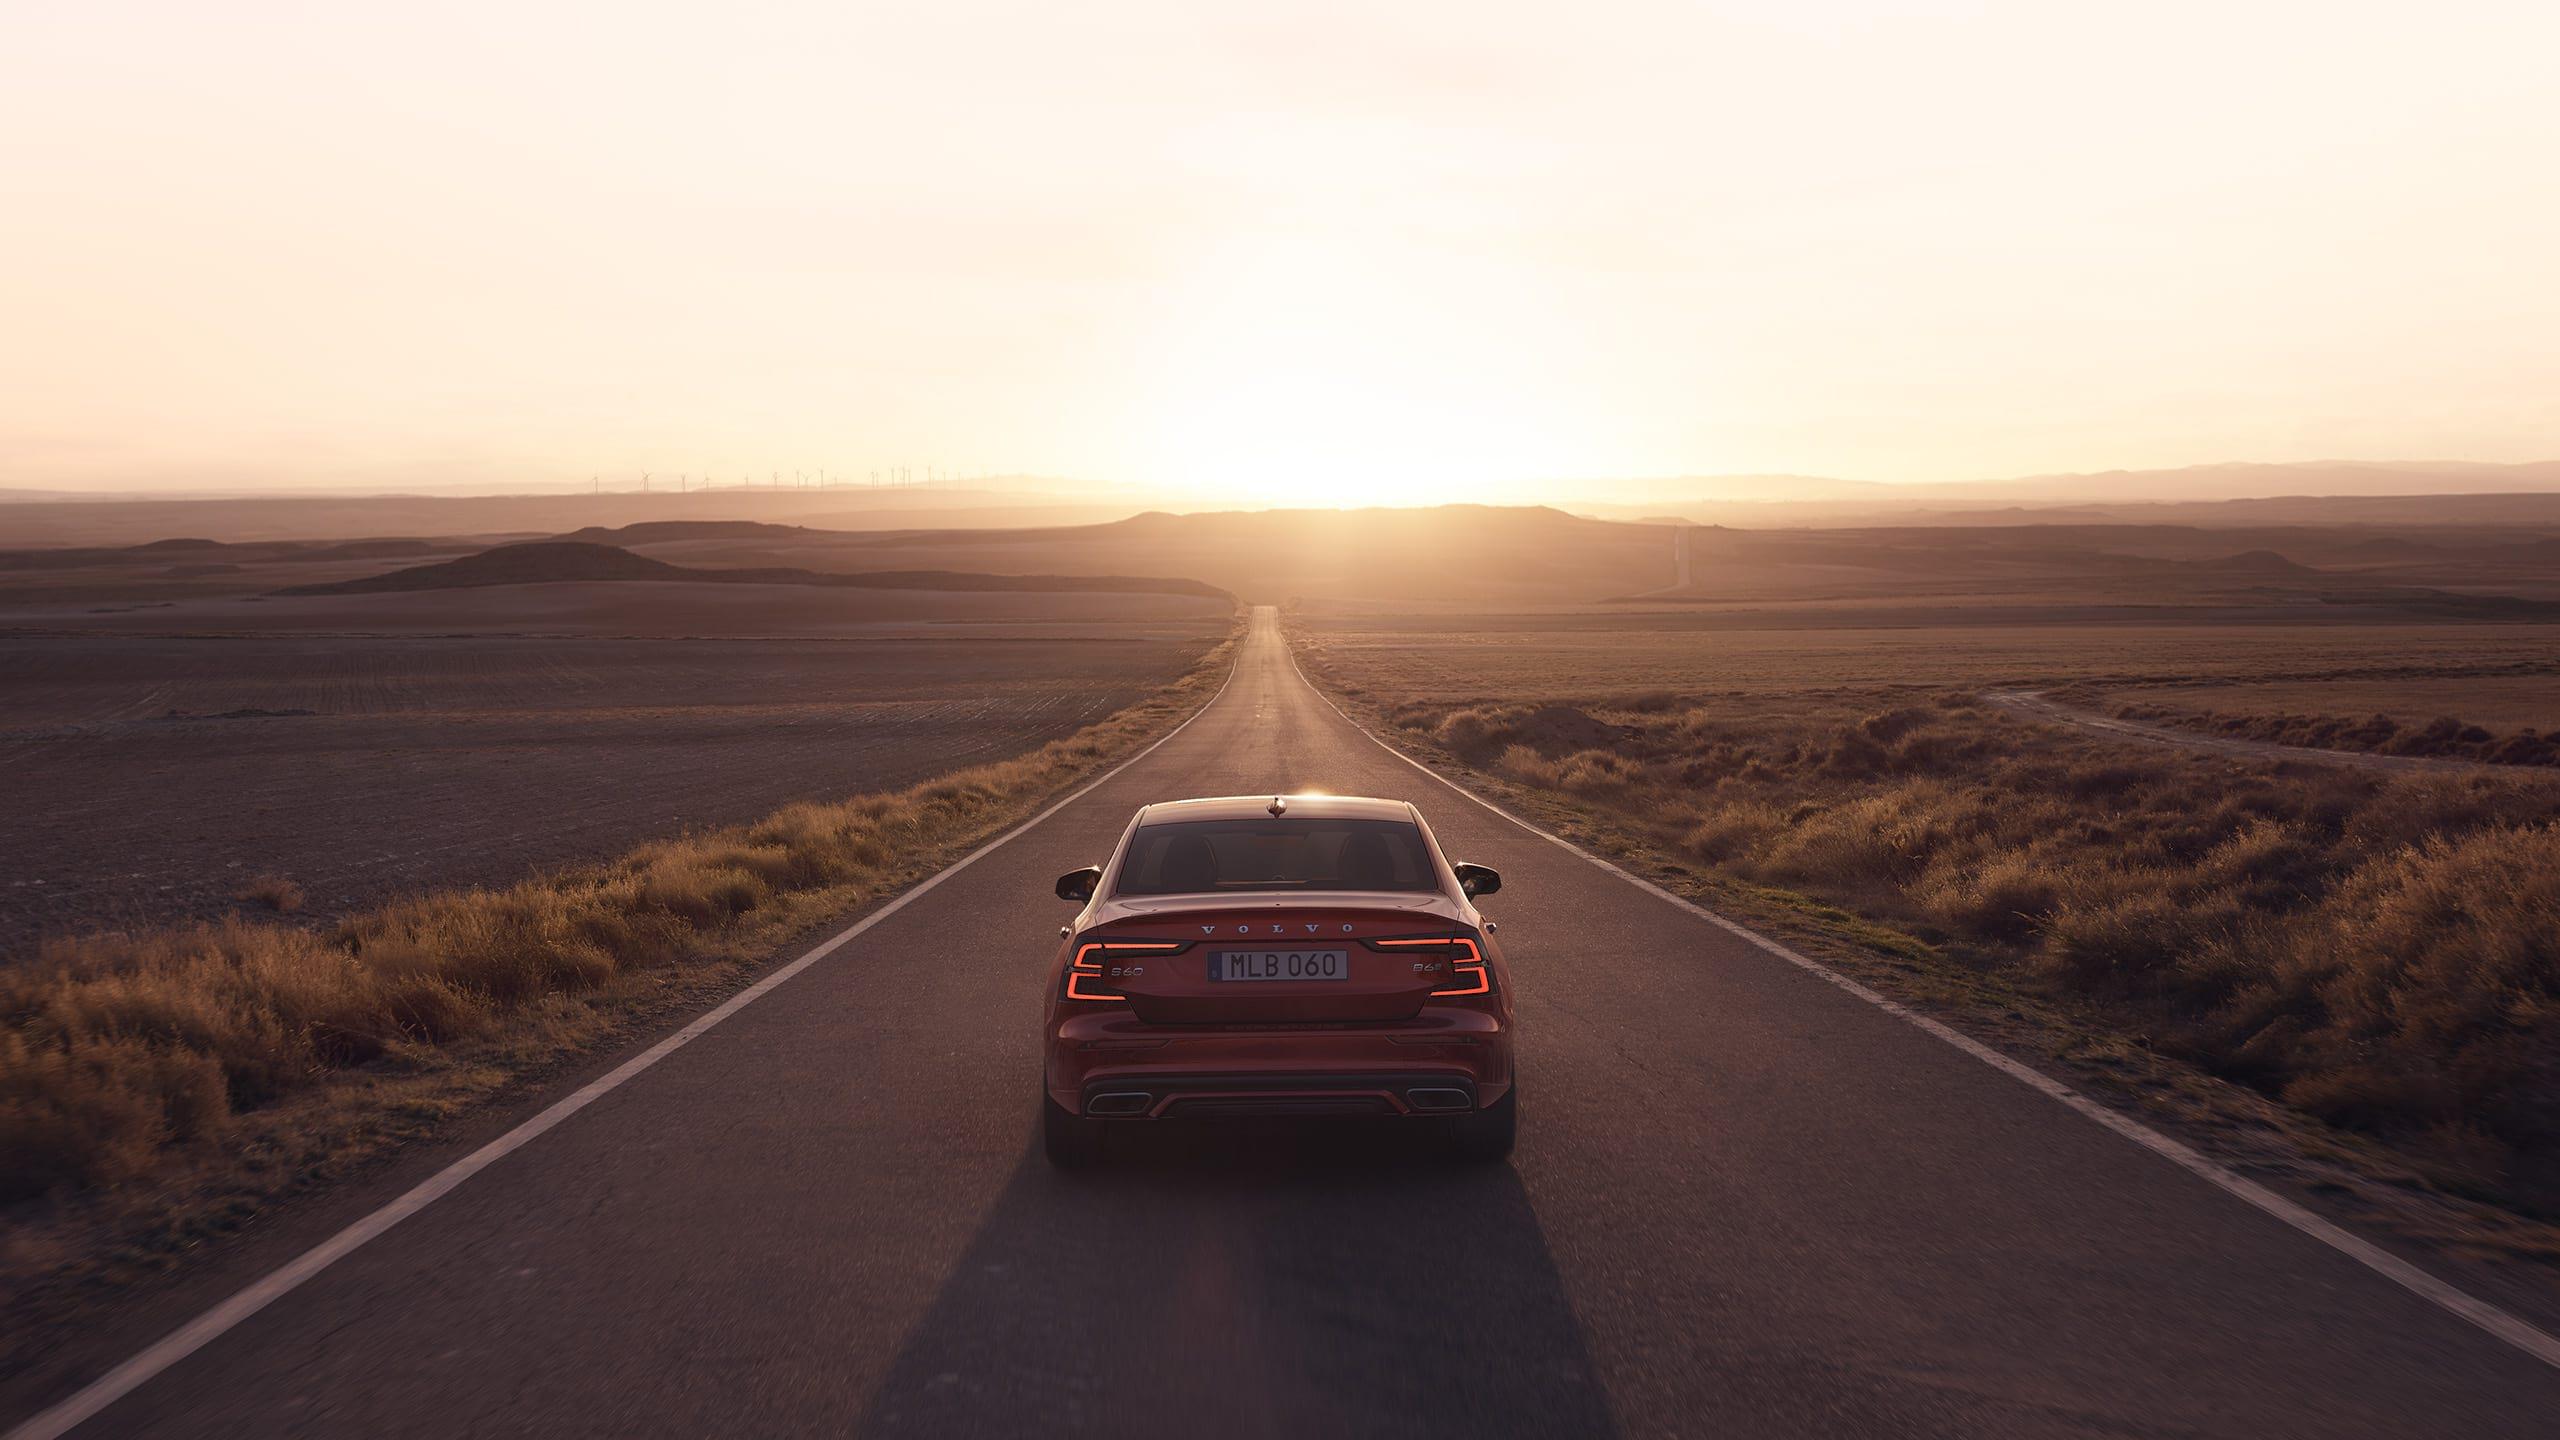 Una Volvo S60 rossa percorre una strada al tramonto.